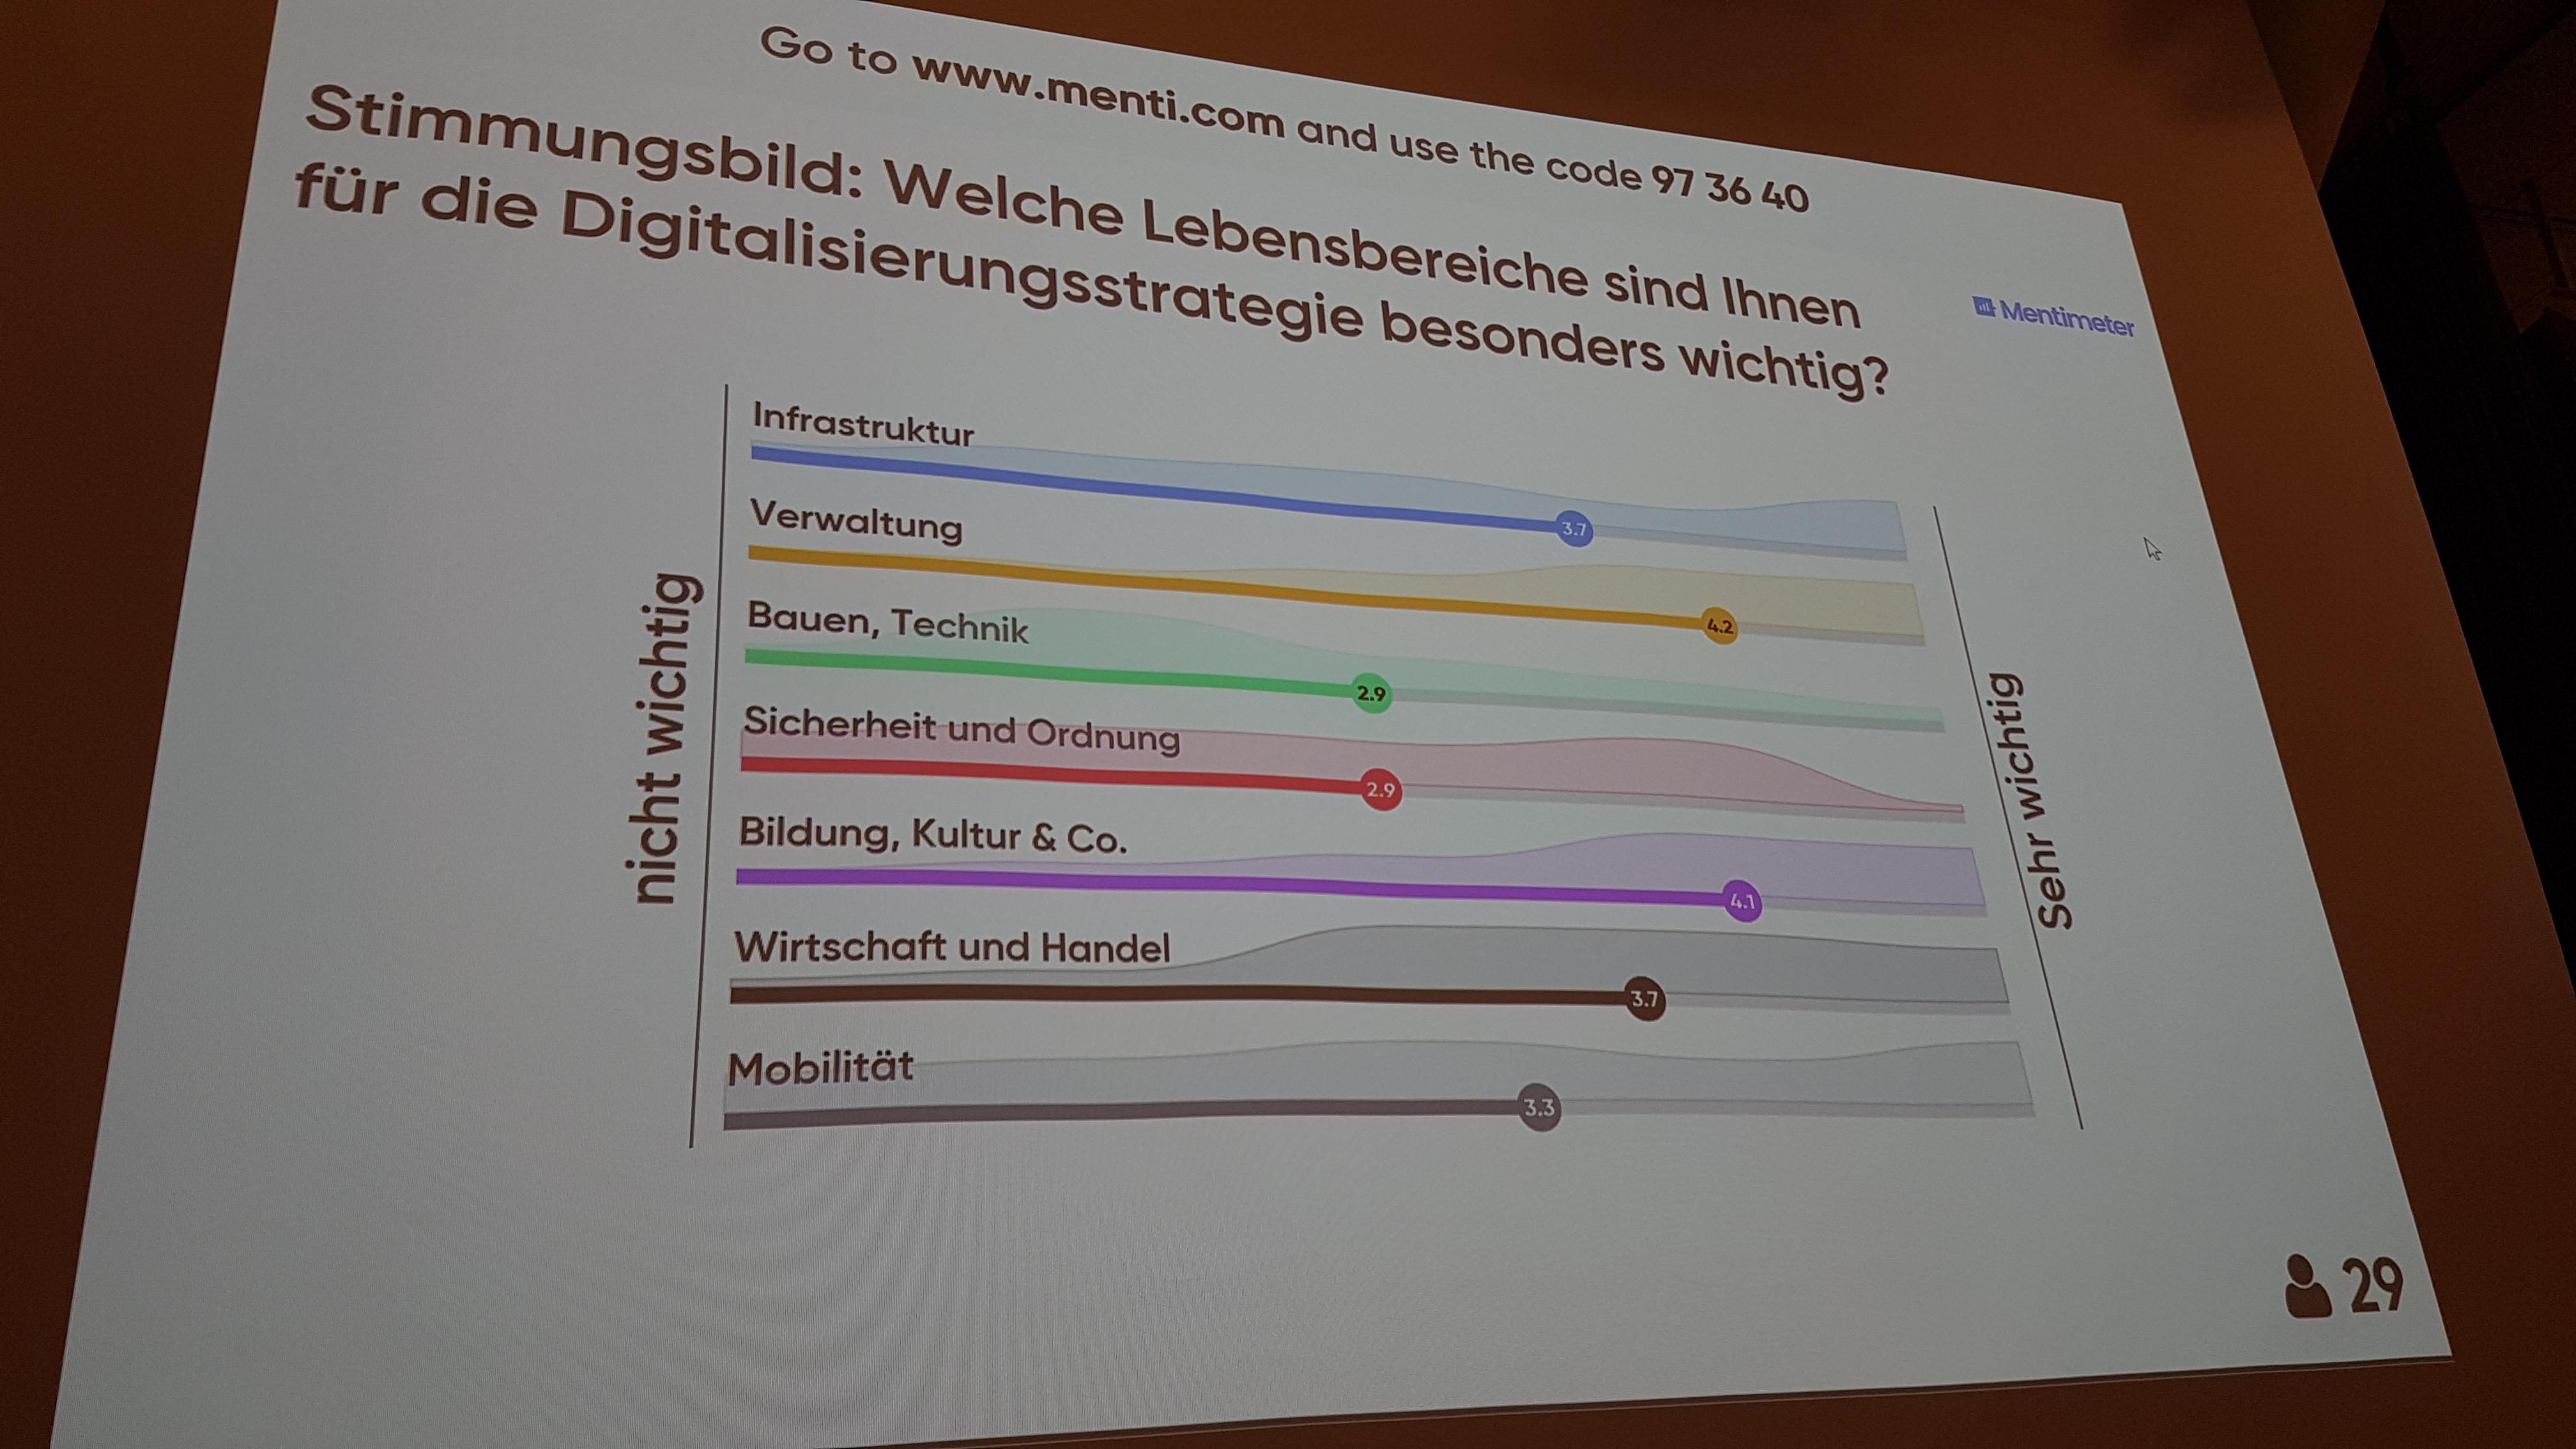 Welche Themen sind wichtig bei der Digitalisierung?